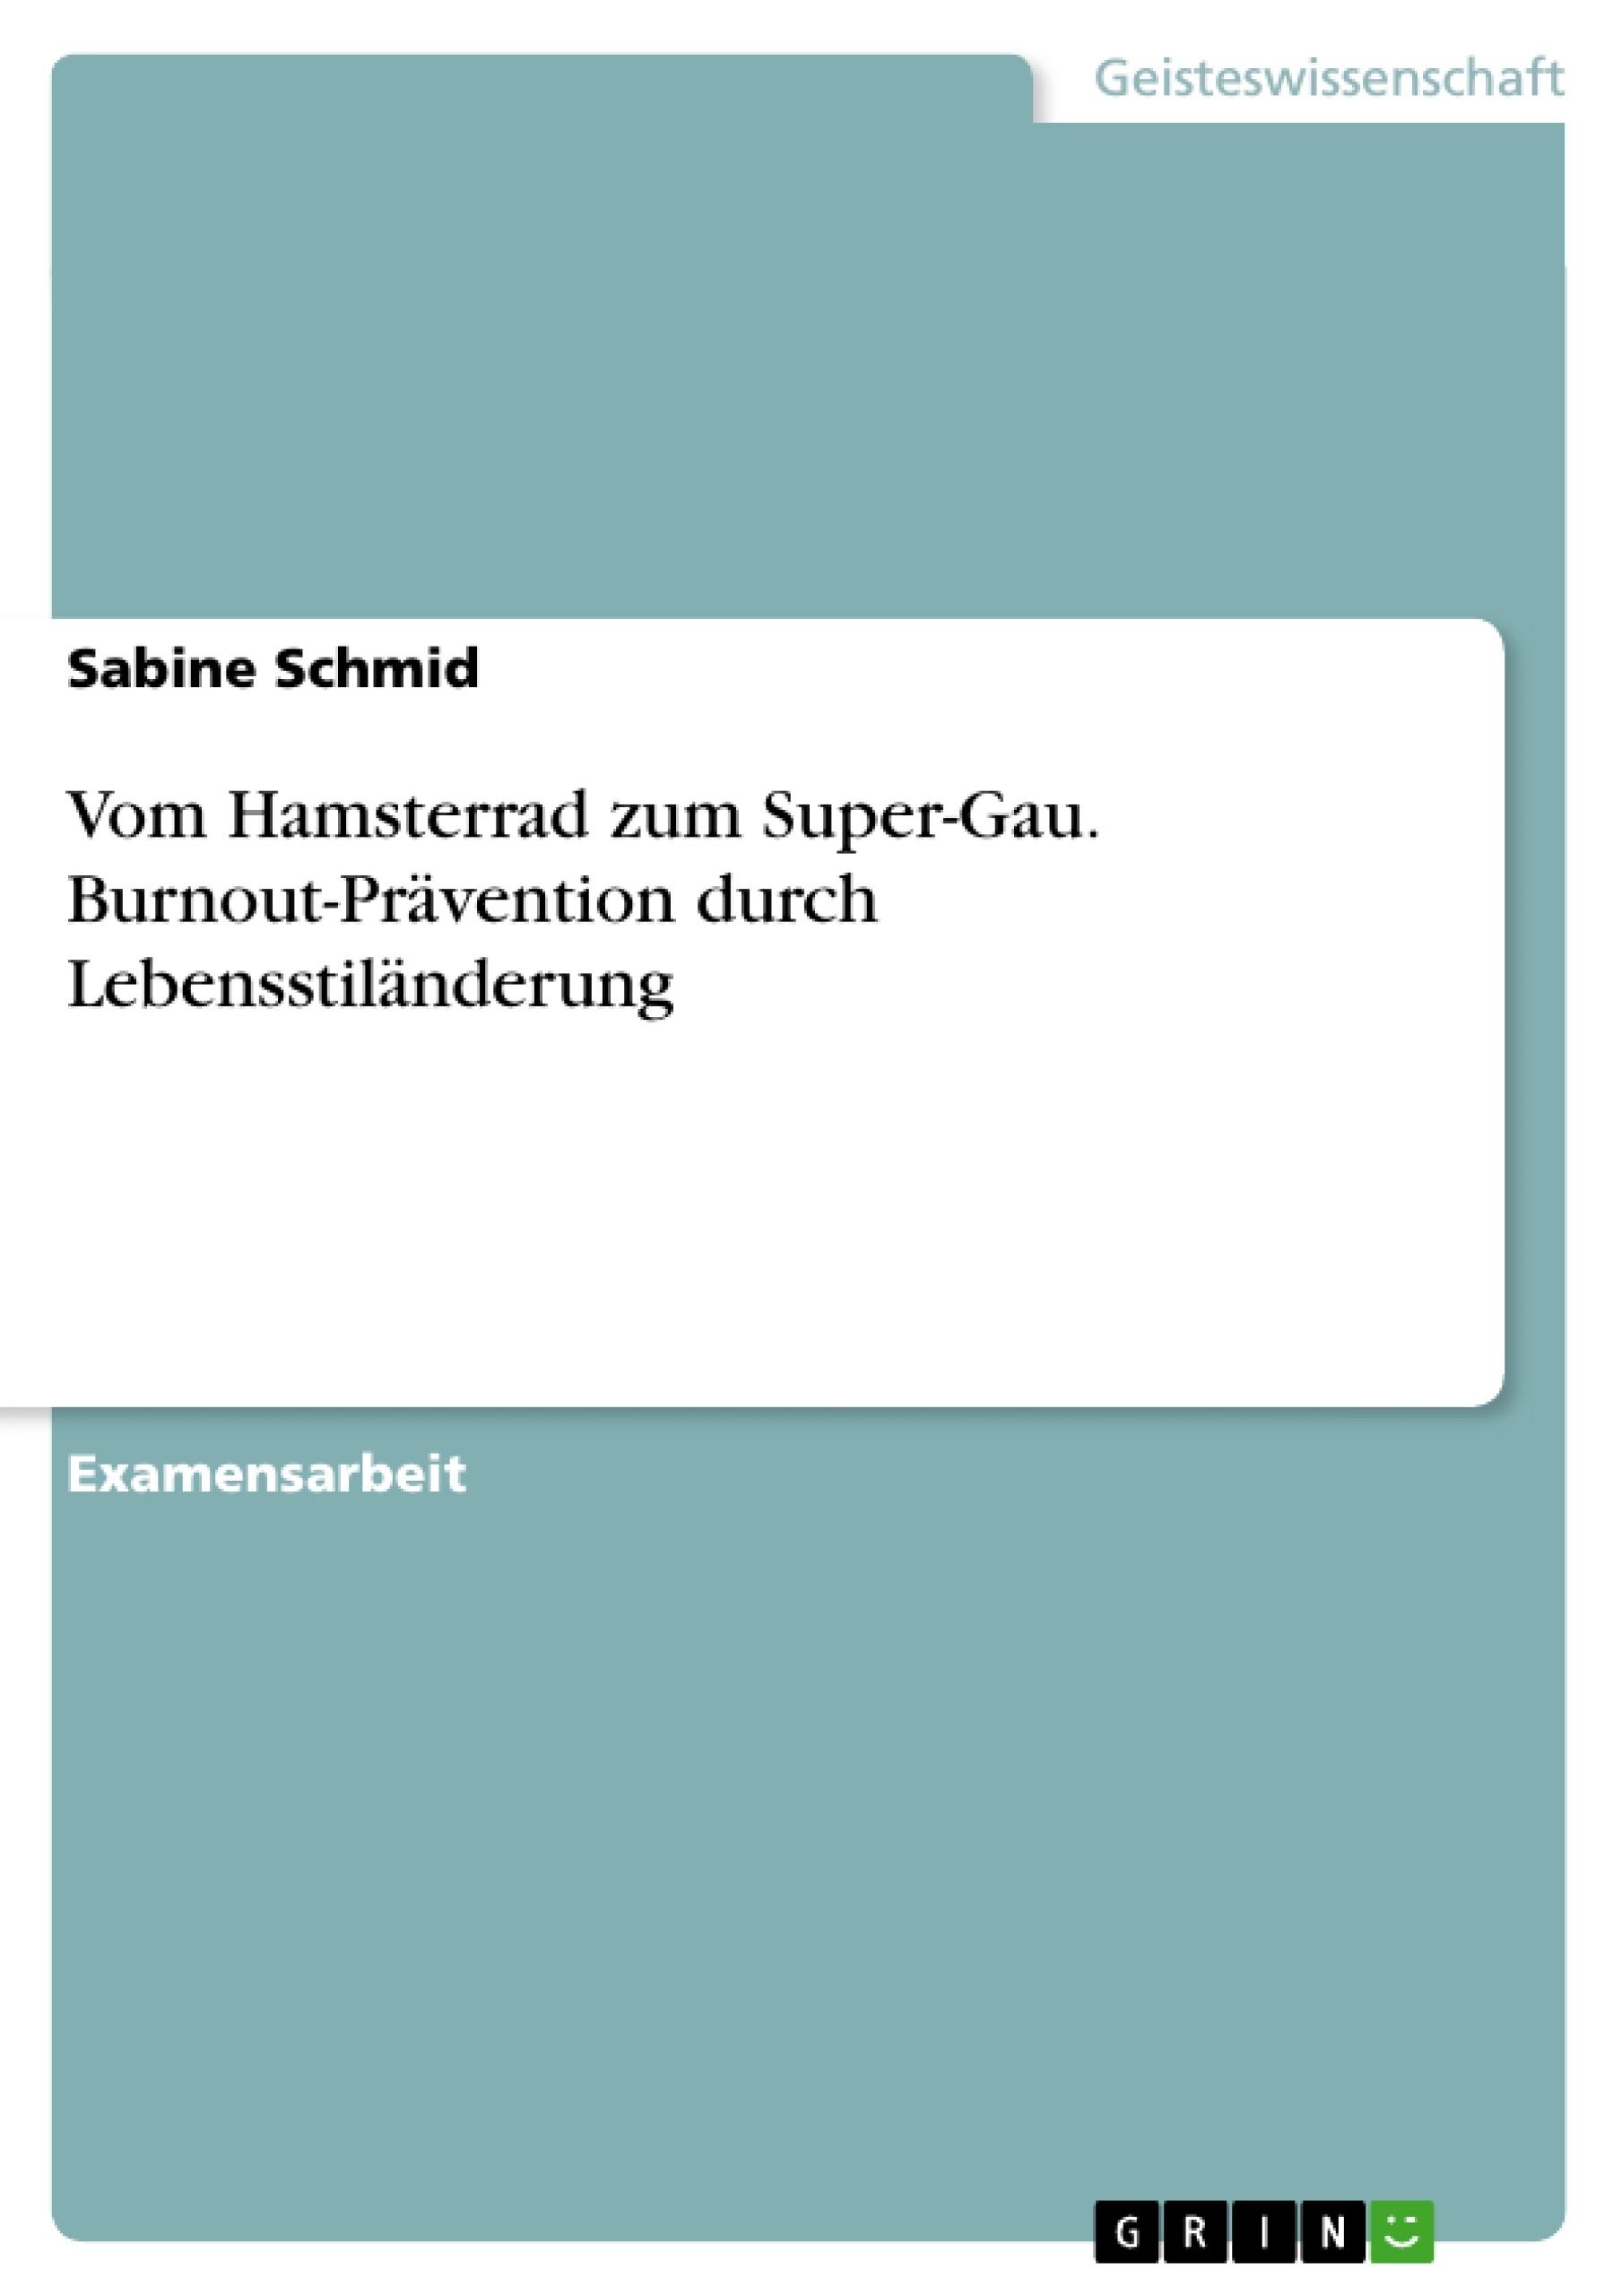 Titel: Vom Hamsterrad zum Super-Gau. Burnout-Prävention durch Lebensstiländerung